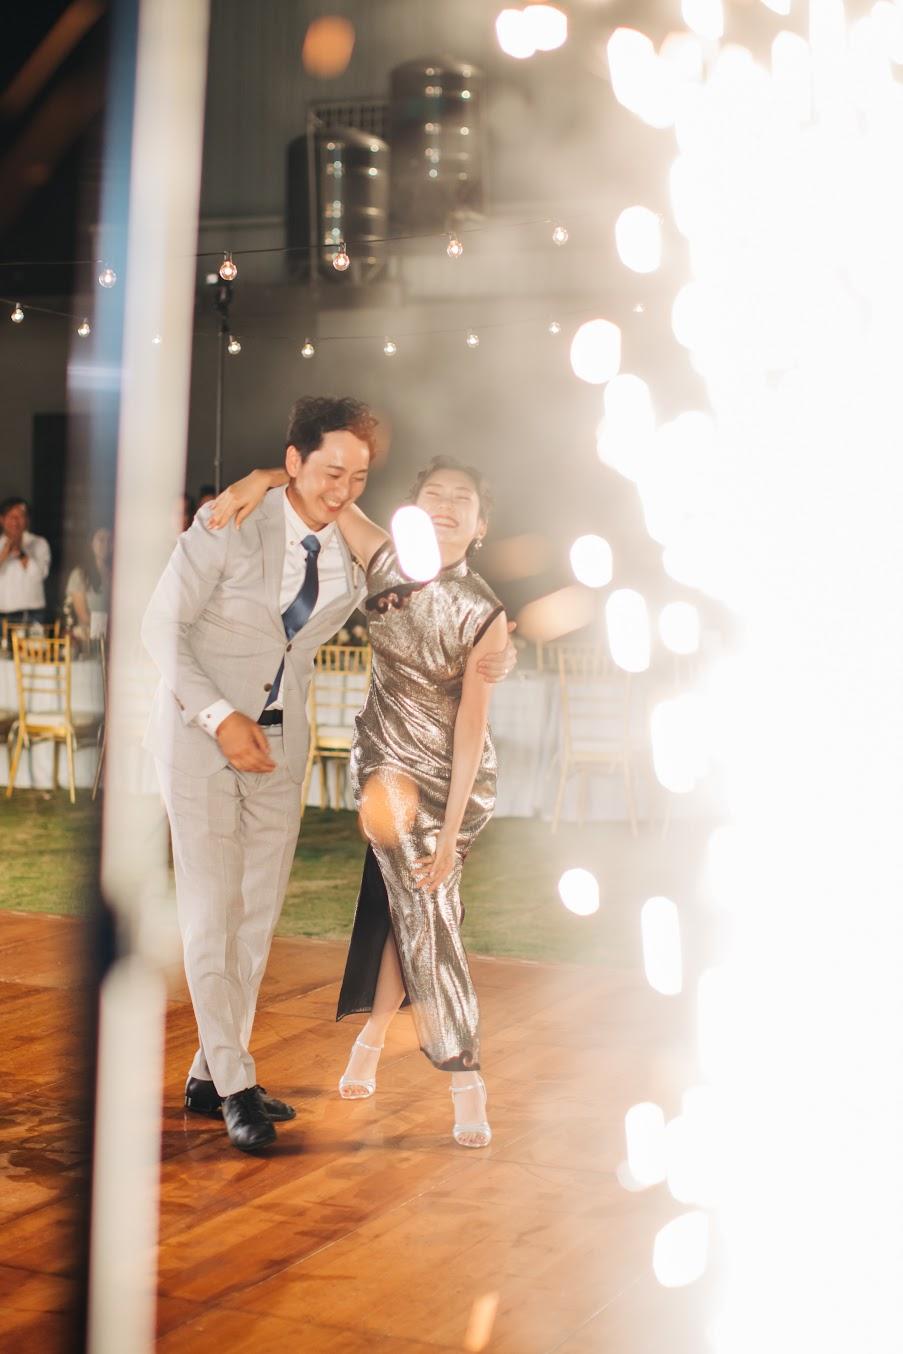 自宅婚禮派對 | IVANKA+JIMMY WEDDING PARTY | 美式婚攝-小型婚禮